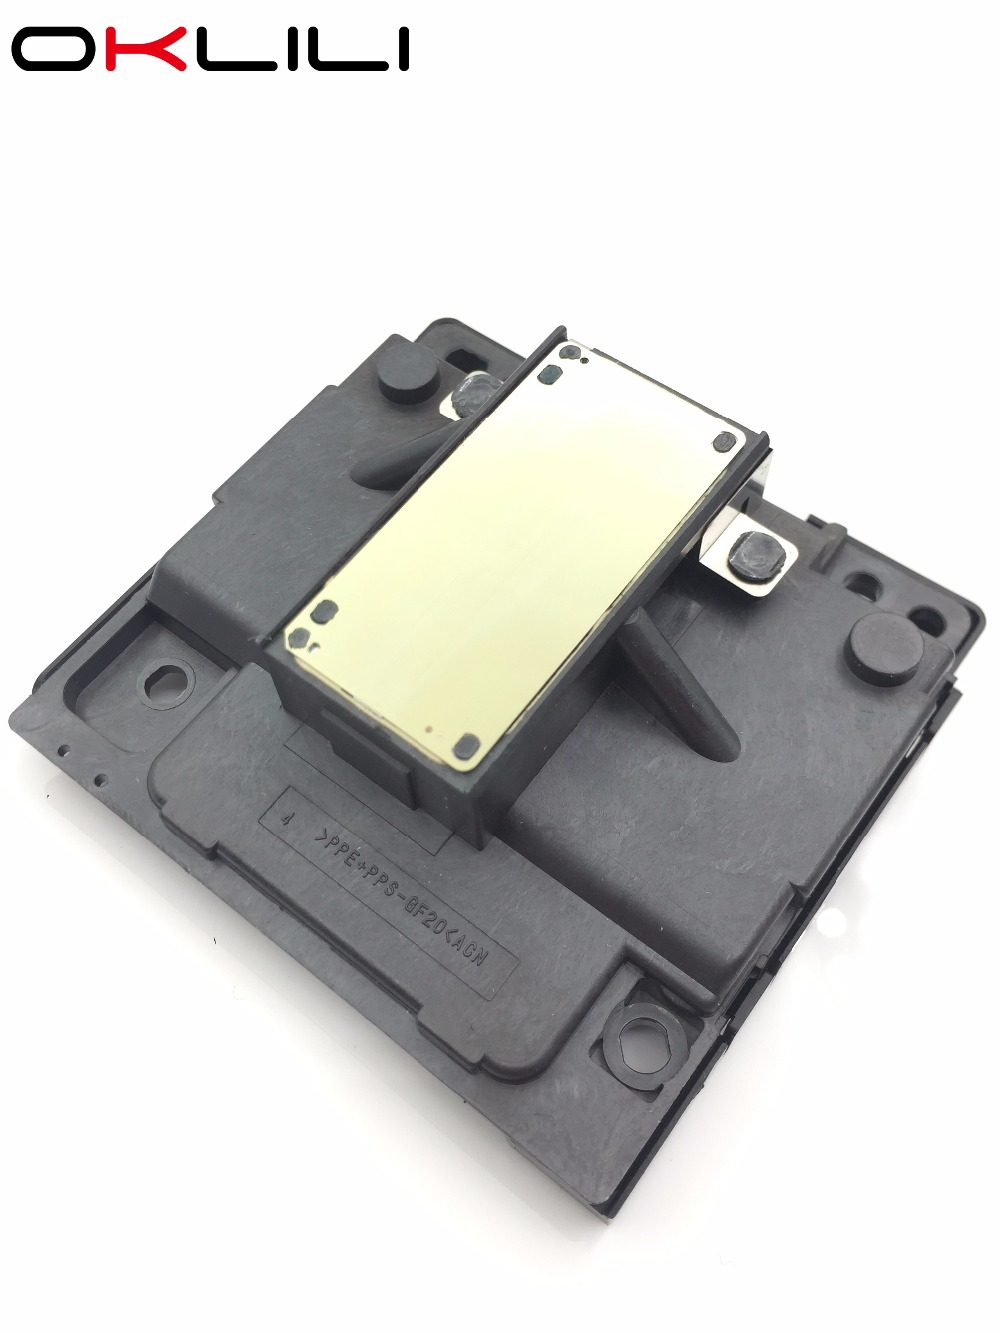 F197010 cabezal de impresión para Epson SX430W SX435W SX438W SX440W SX445W XP-30 XP-33 XP-102 XP-103 XP-202 XP-203 XP-205 NX430